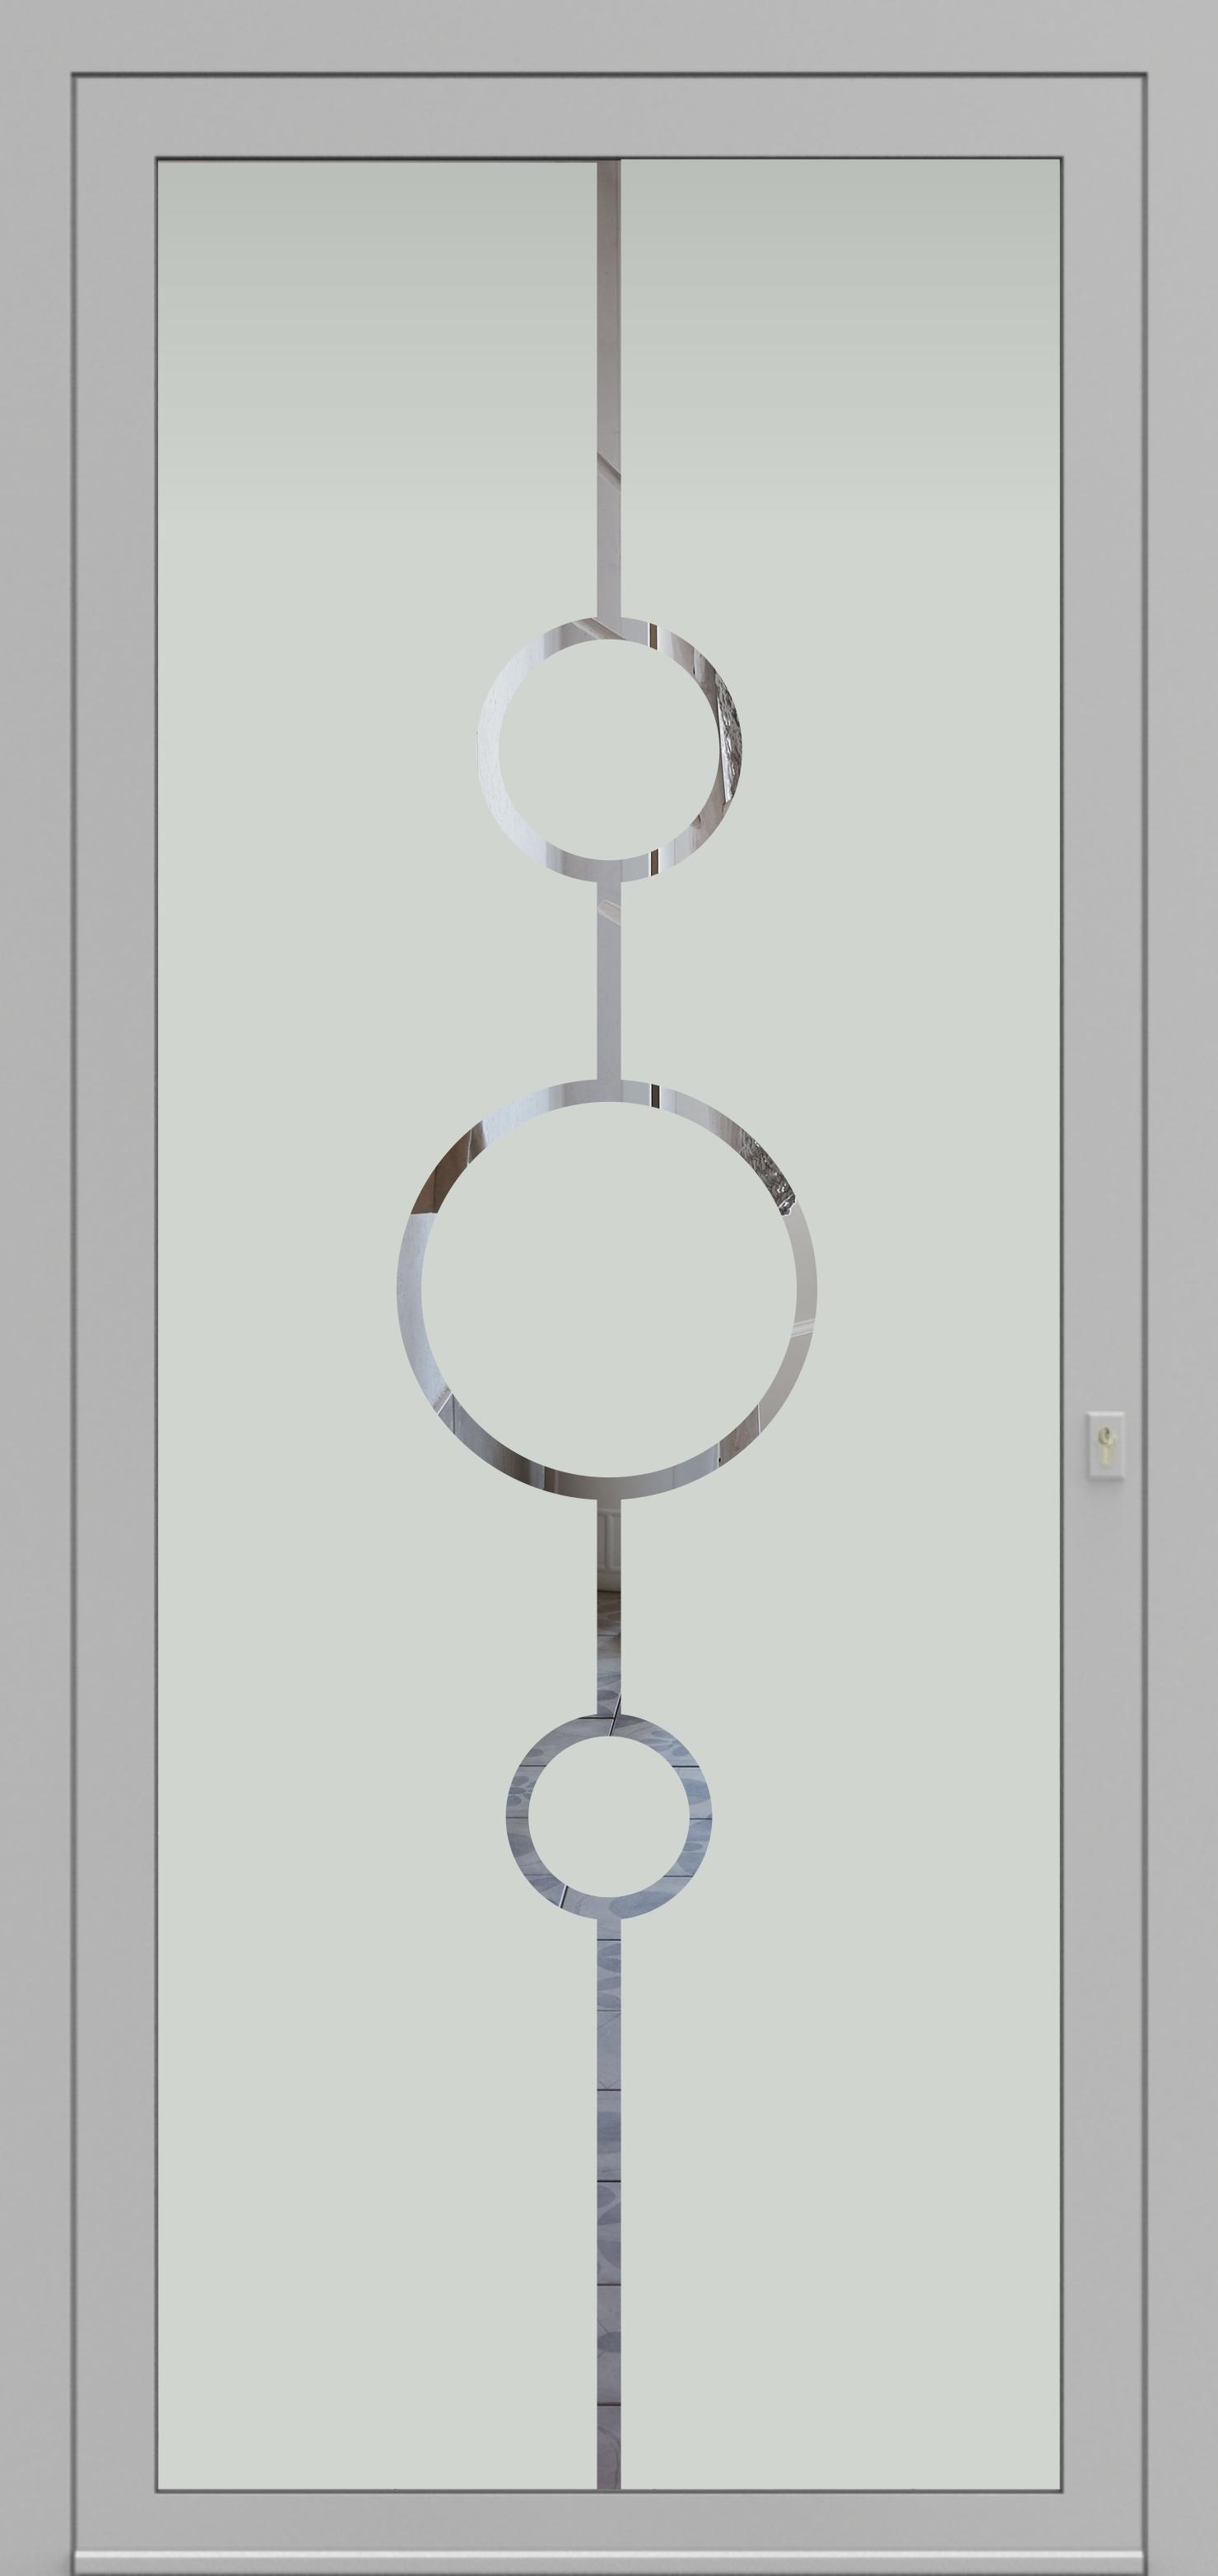 Porte d'entrée DECOVER 3/07 de la gamme Decover posée par les établissements CELEREAU à Roncq